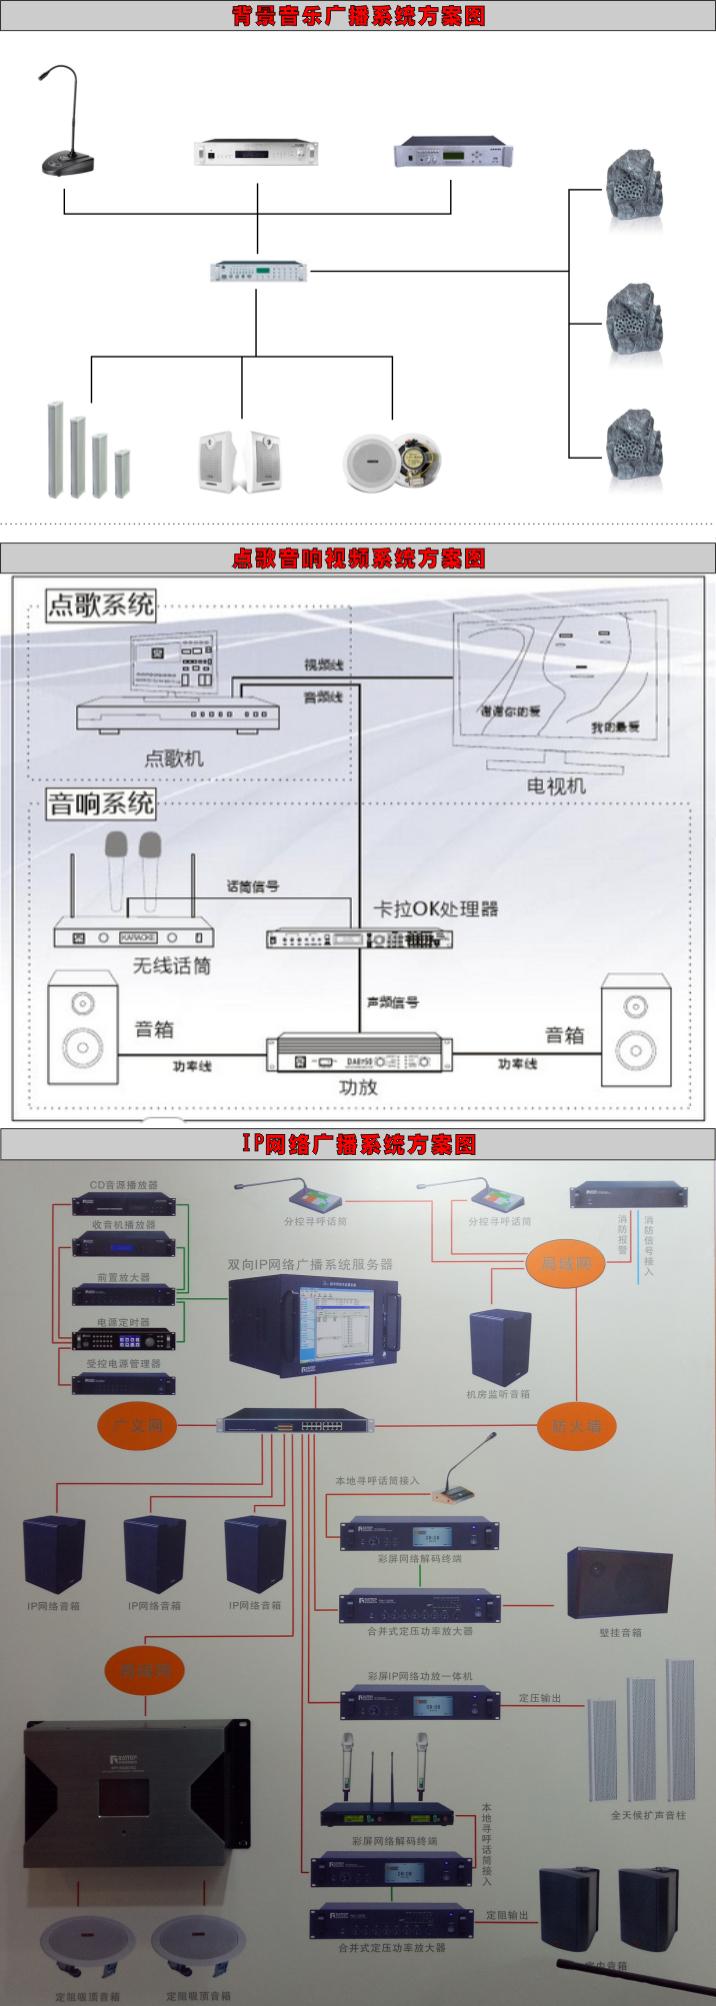 音响卡啦OK系统方案图及背景音乐广播方案图